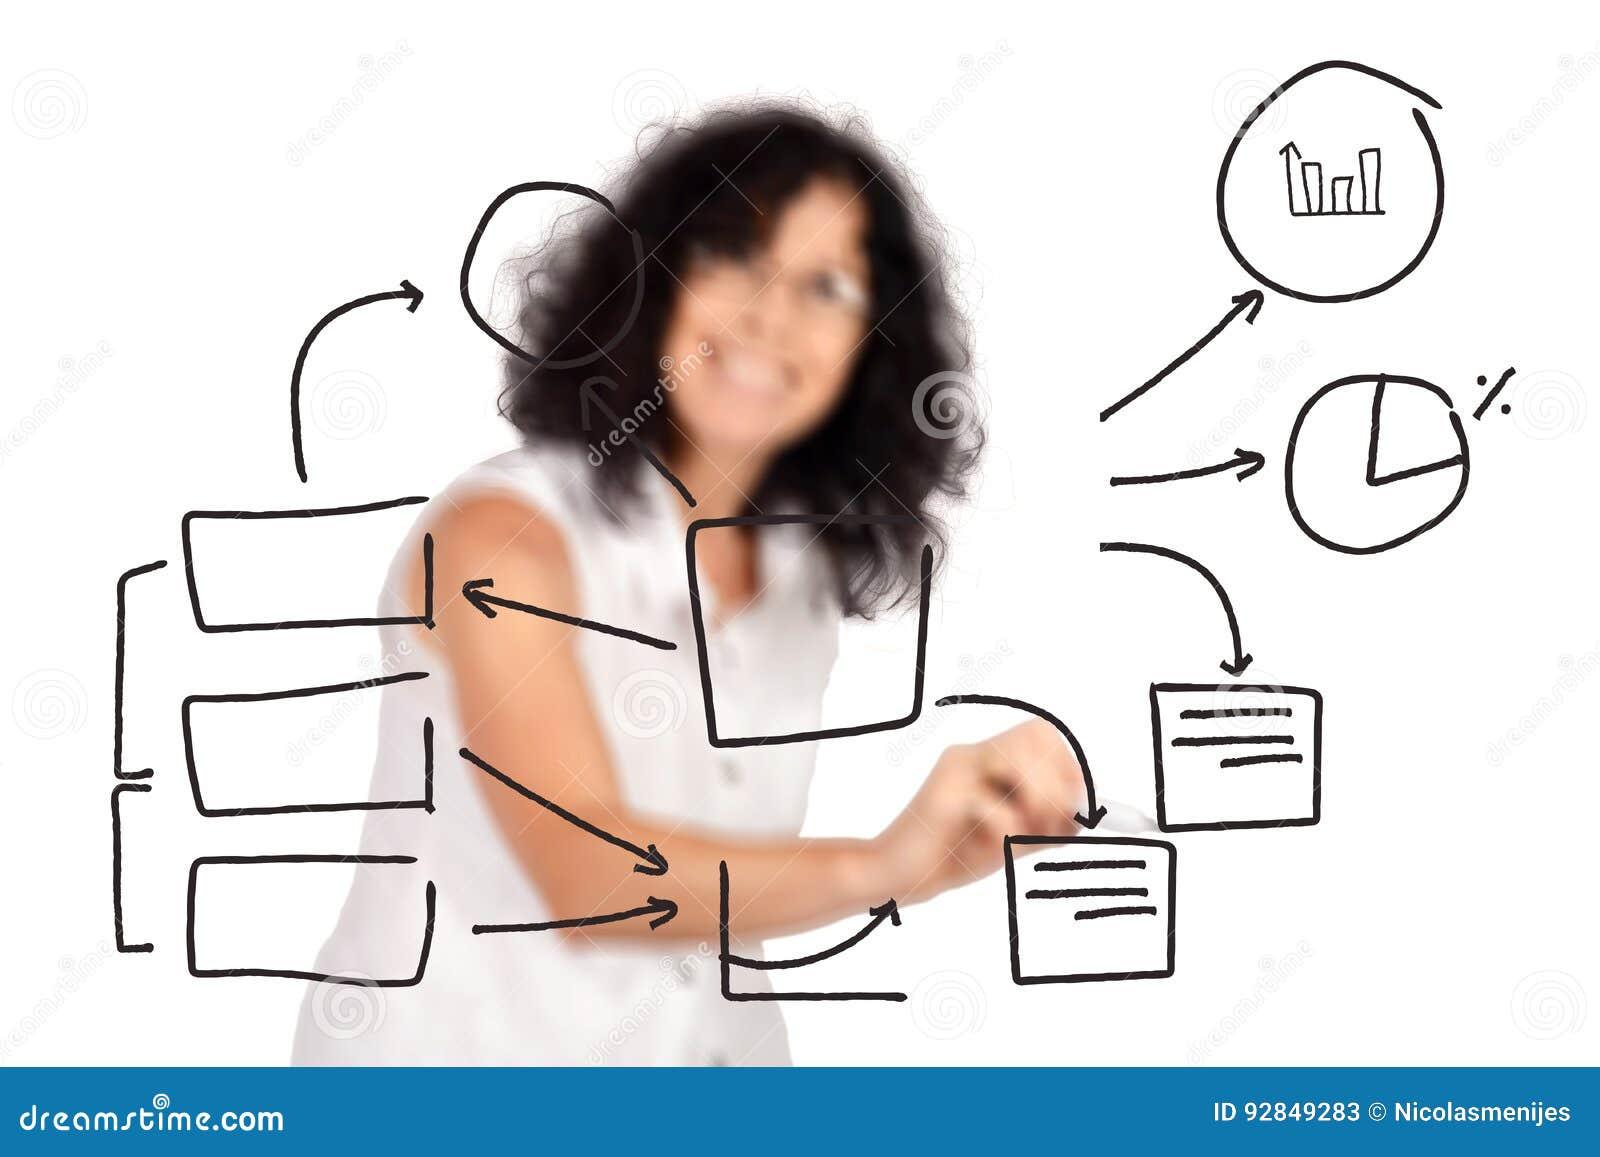 Бизнес план женский график безубыточности бизнес плана